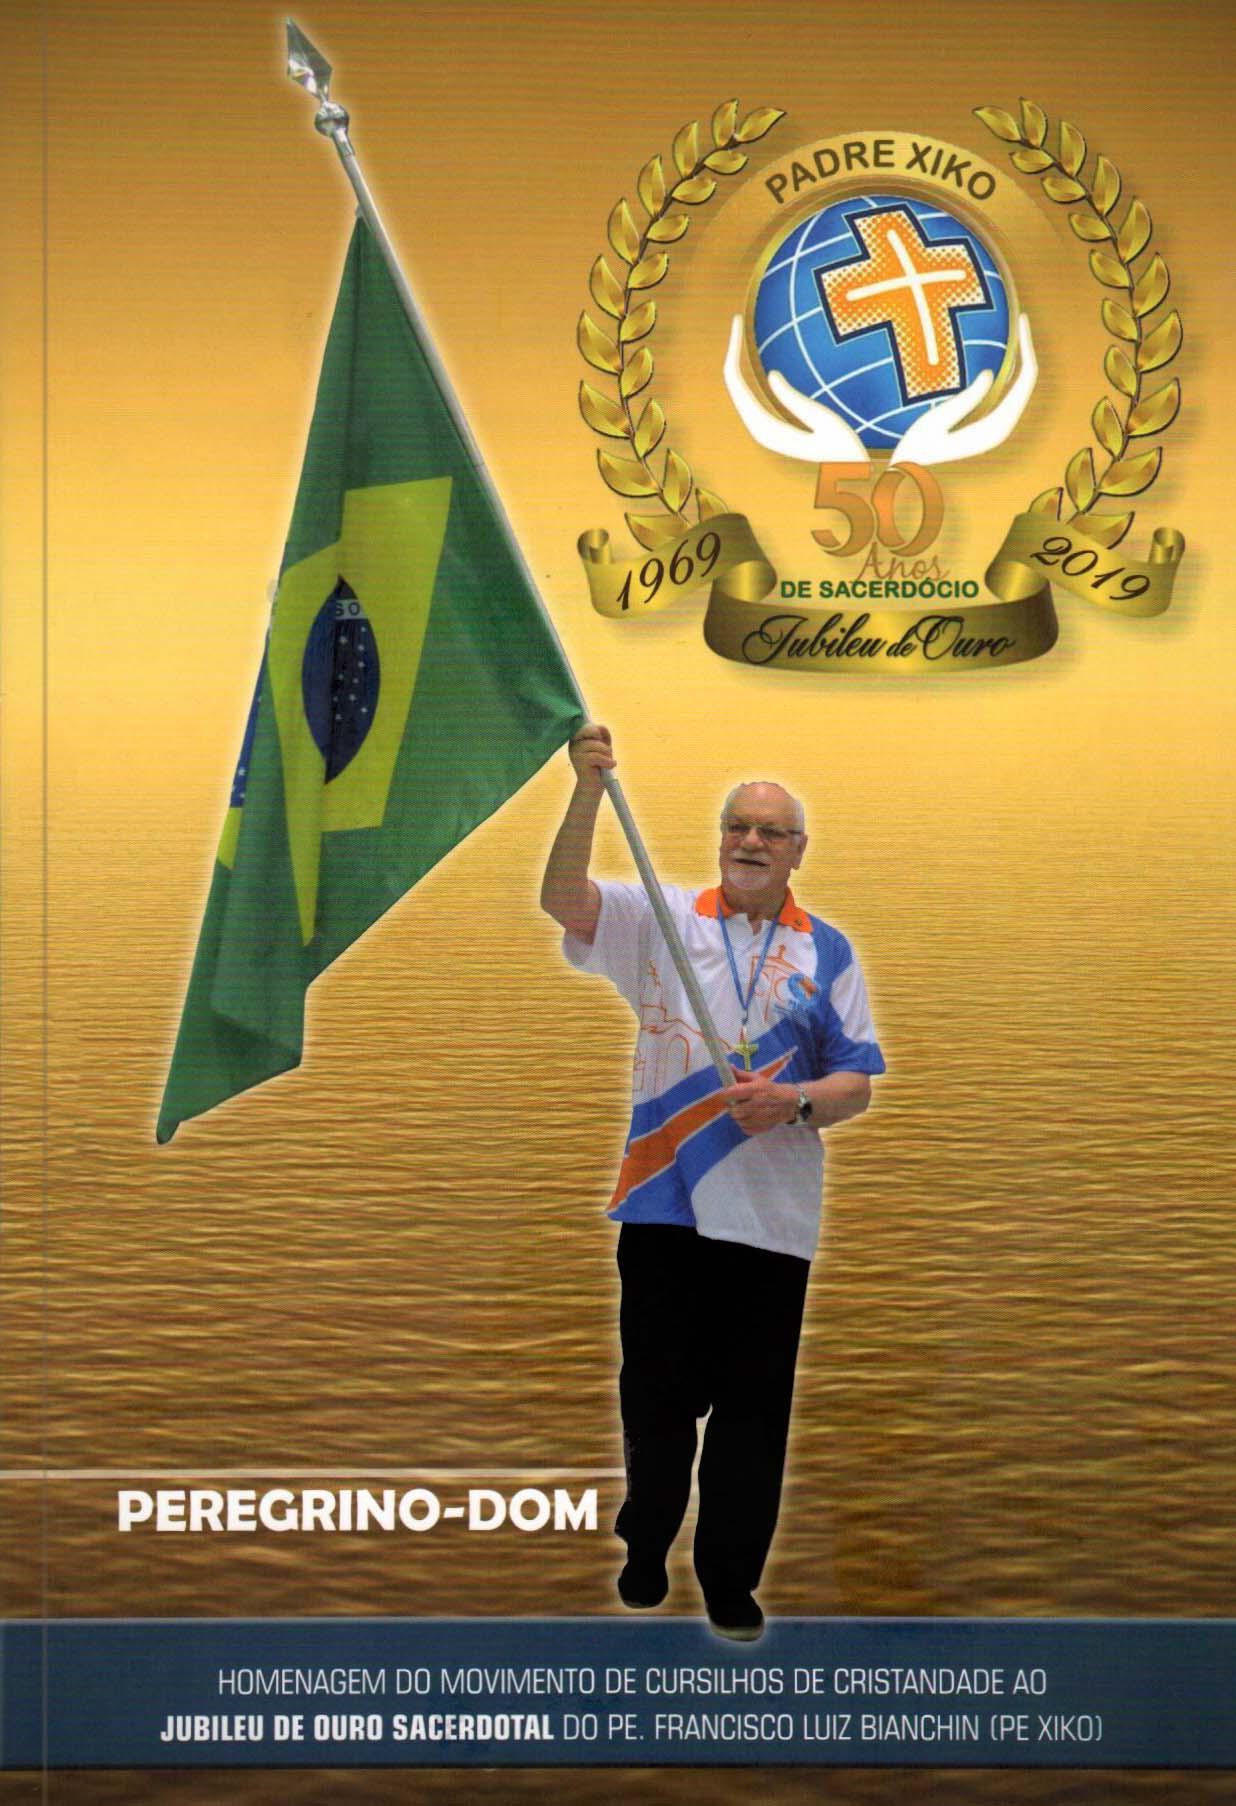 Livro Padre Xiko - Peregrino Dom - Jubileu de Ouro - 50 Anos de Sacerdócio